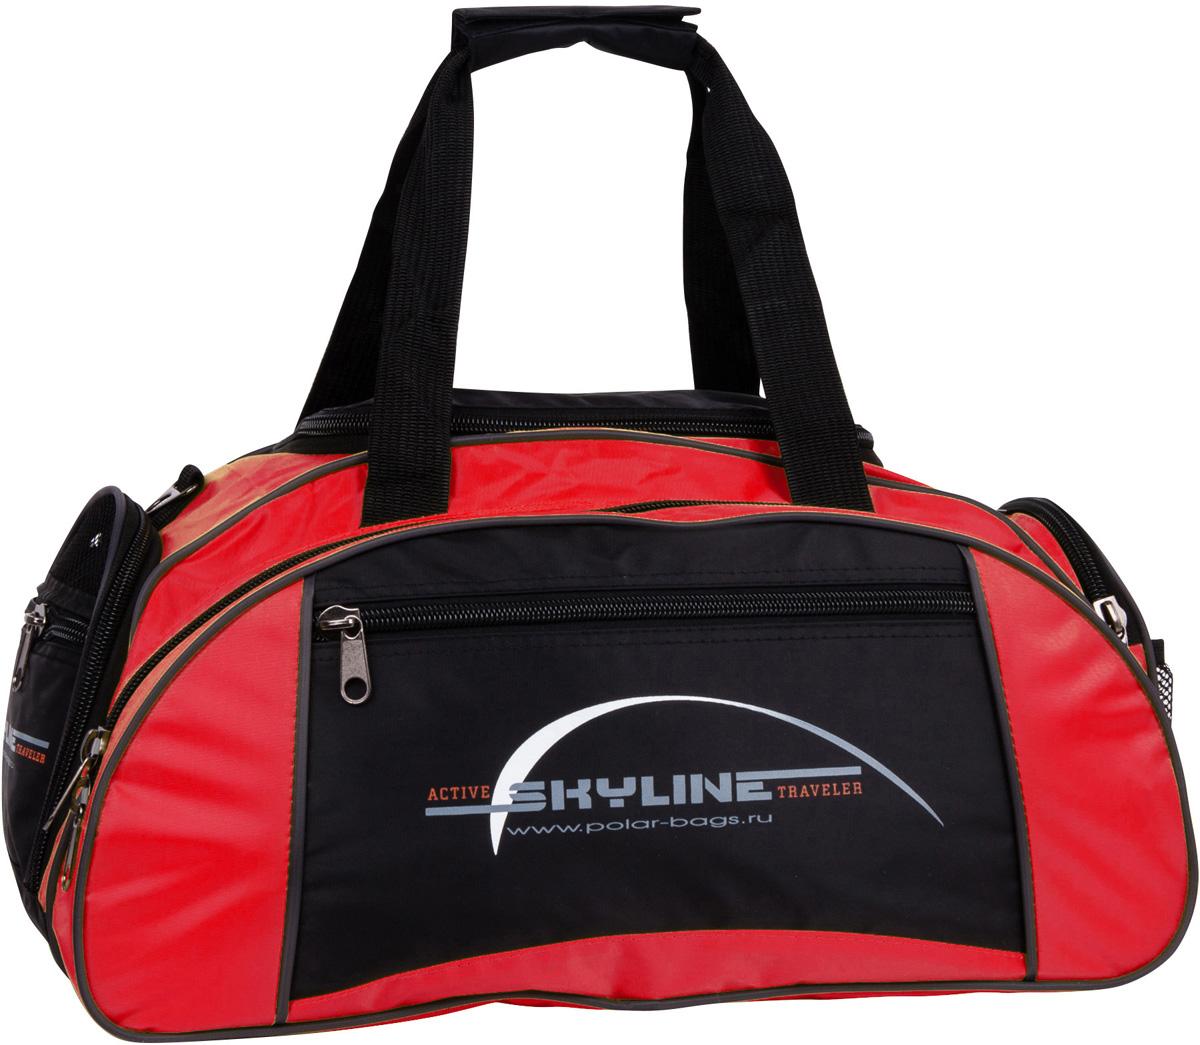 Сумка спортивная Polar Скайлайн, цвет: черный, красный, 36 л. 6063 сумка спортивная polar скайлайн цвет черный желтый серый 53 л п05 6